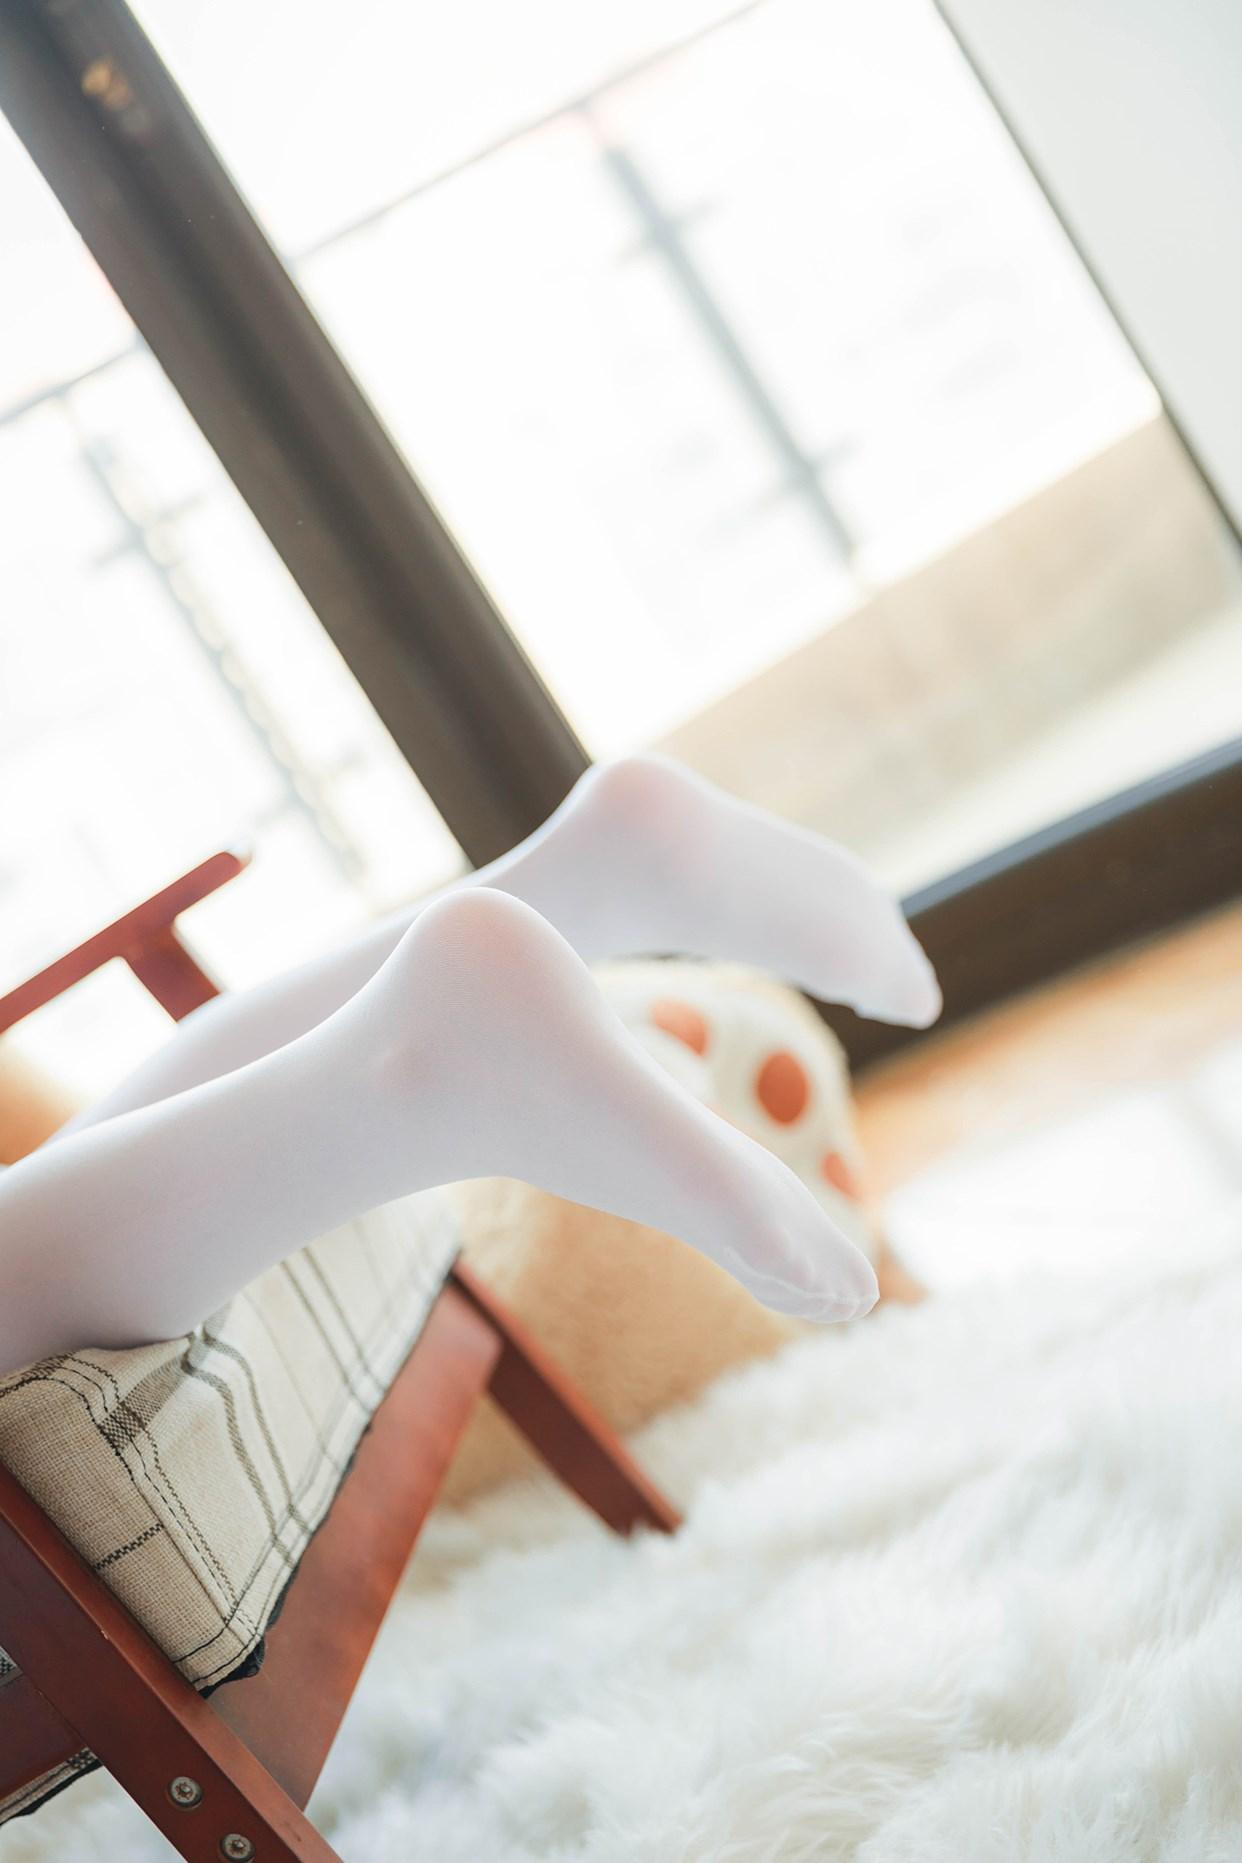 【兔玩映画】色即是空 · 白丝福利 兔玩映画 第28张